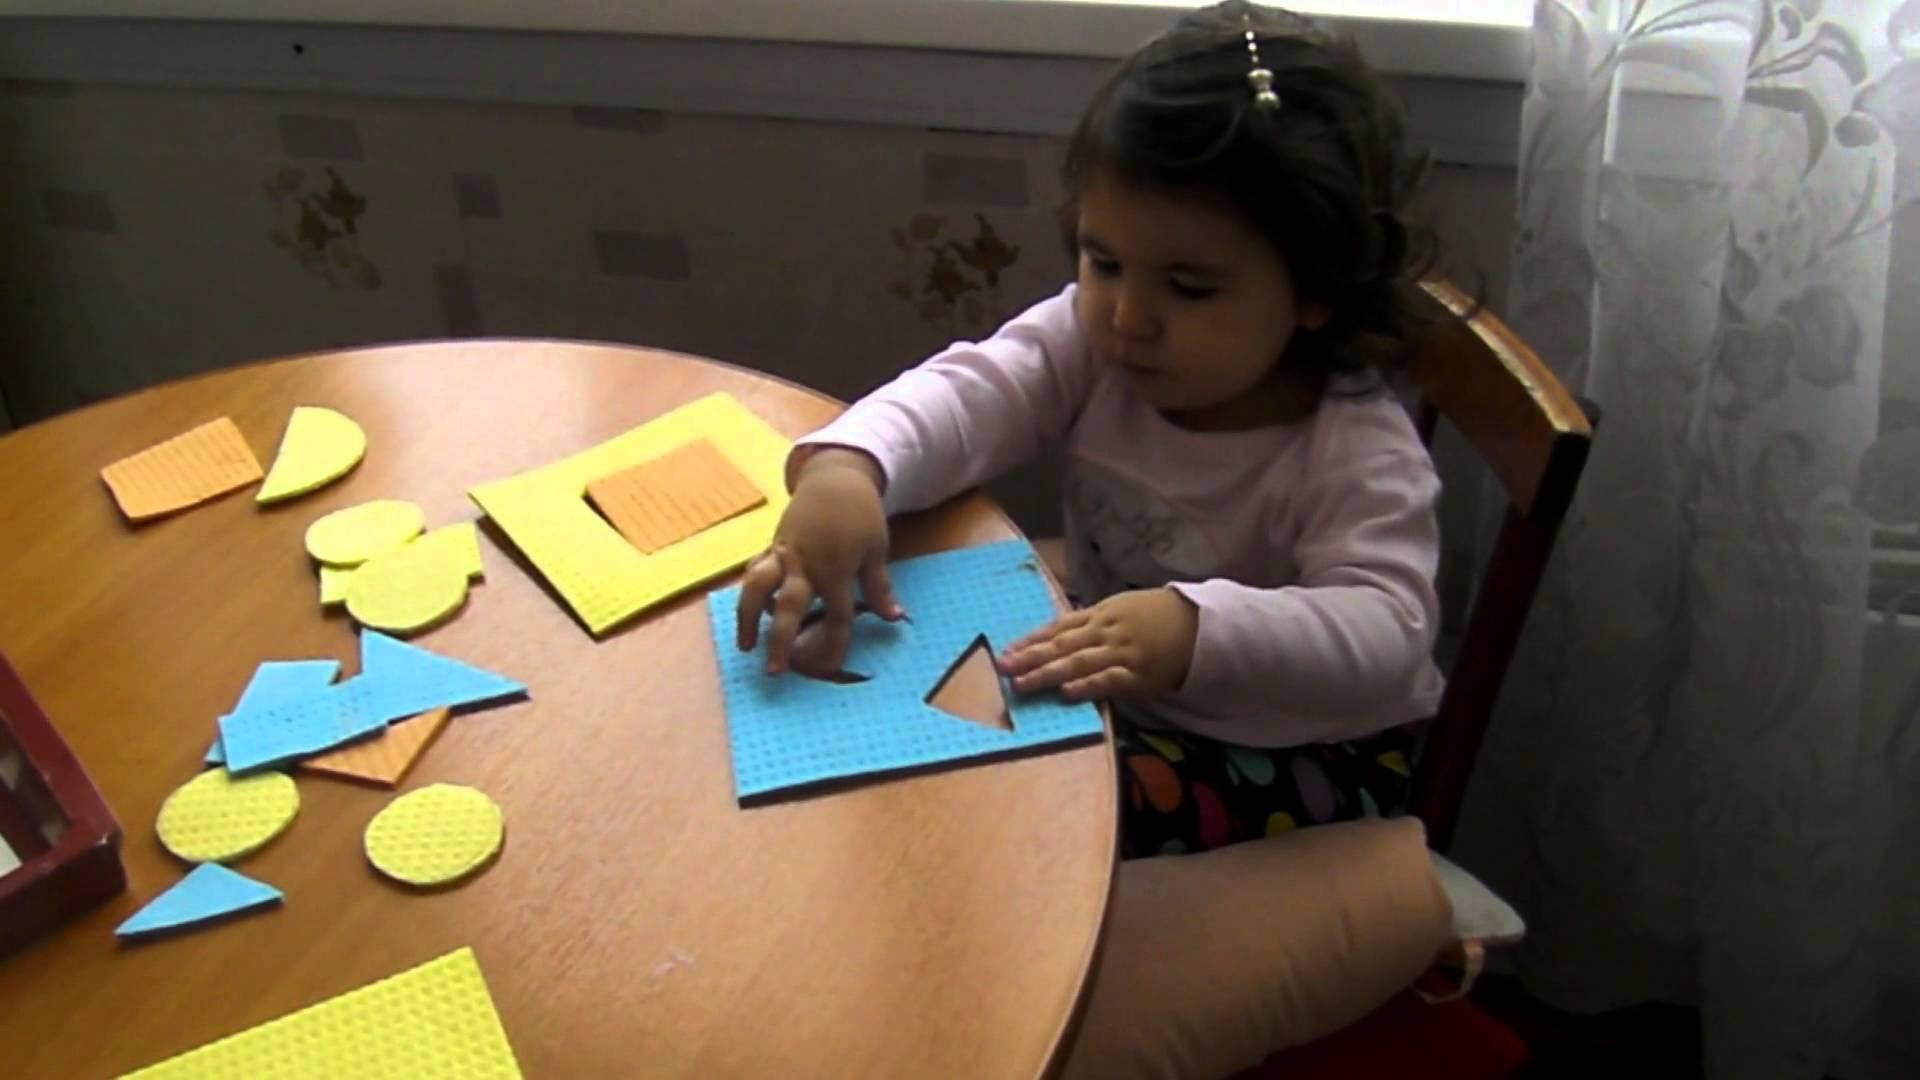 Картинки для обучения ребенка 2 лет